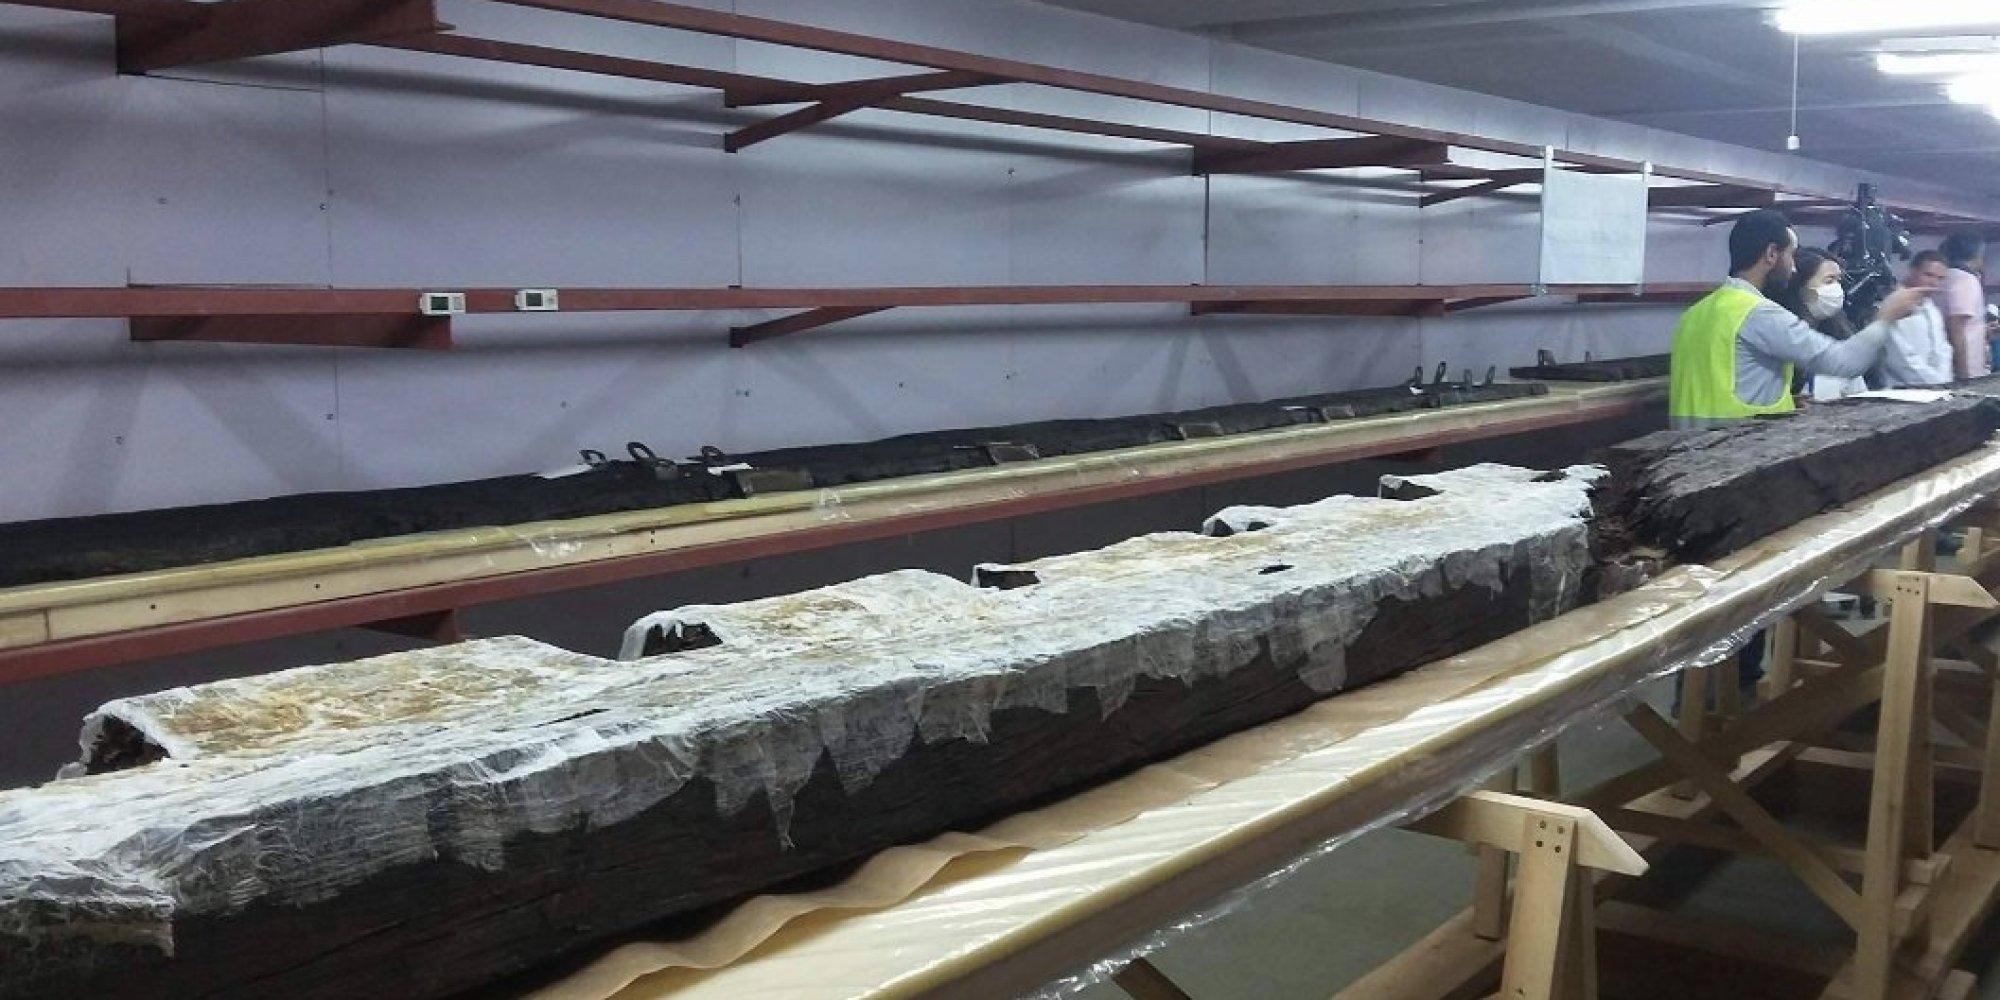 مصر تحتفل باستخراج أكبر قطعة خشبية من مركب خوفو بالقرب من الهرم الأكبر